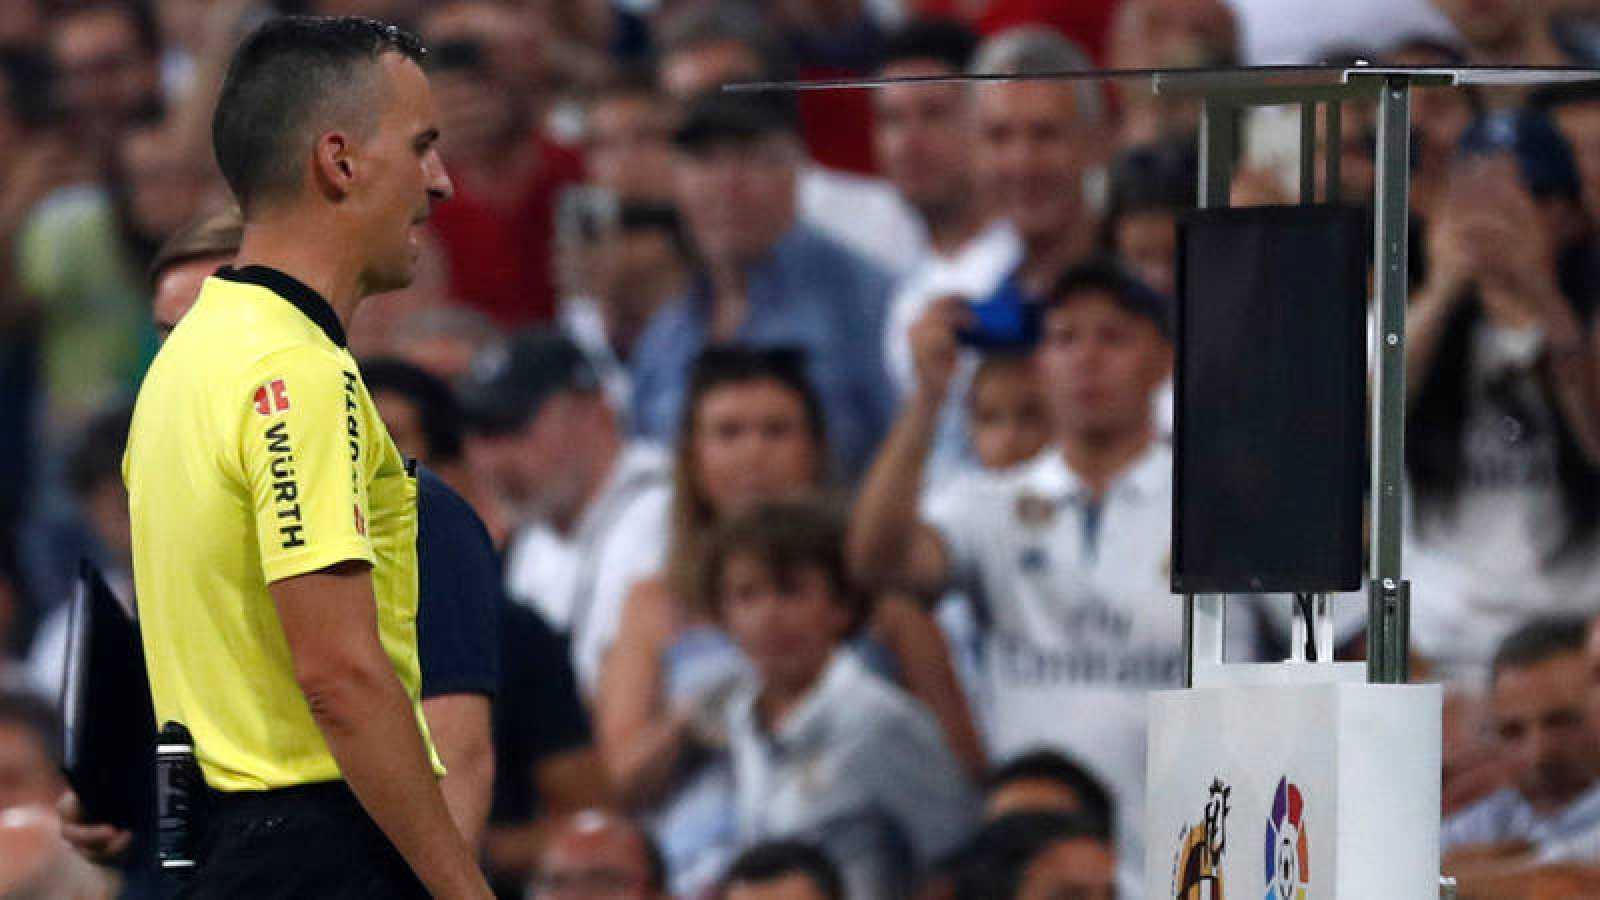 El árbitro Jaime Latre consulta el VAR en el Bernabéu.